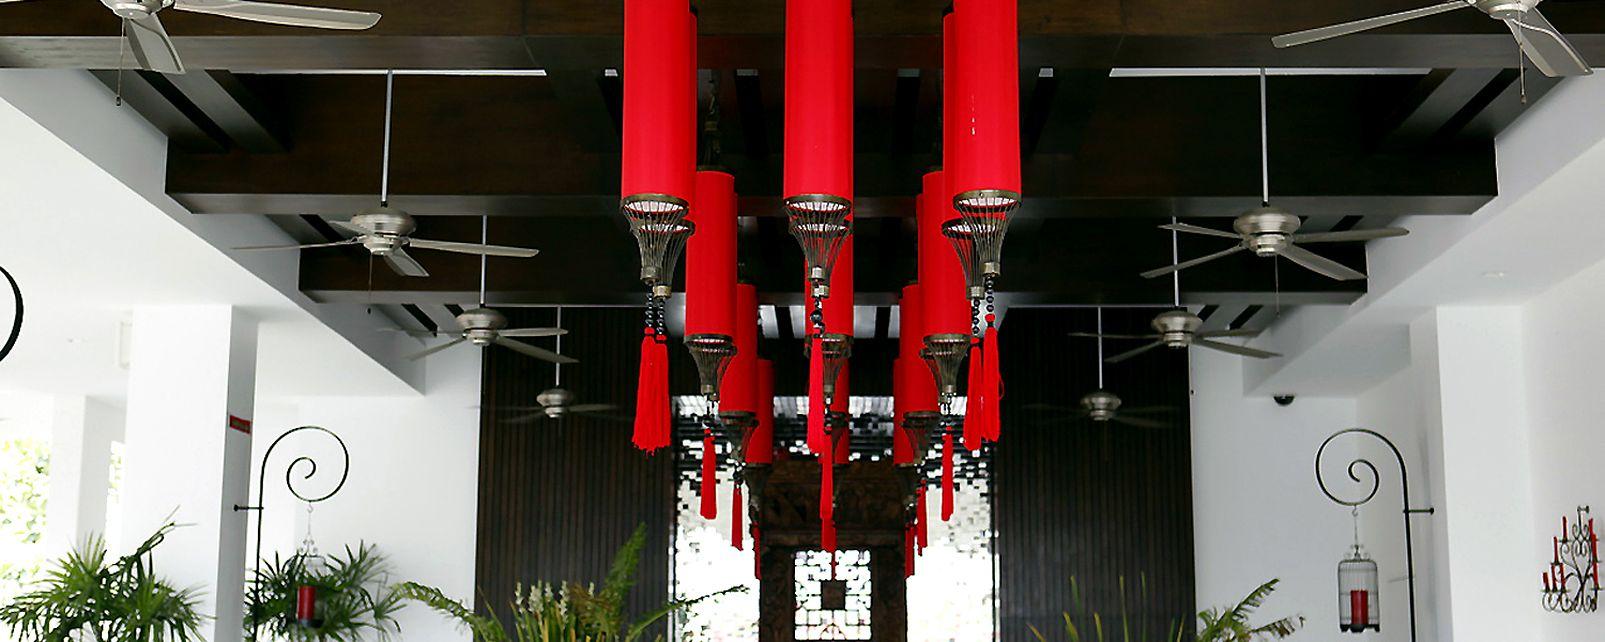 Hôtel The Old Phuket